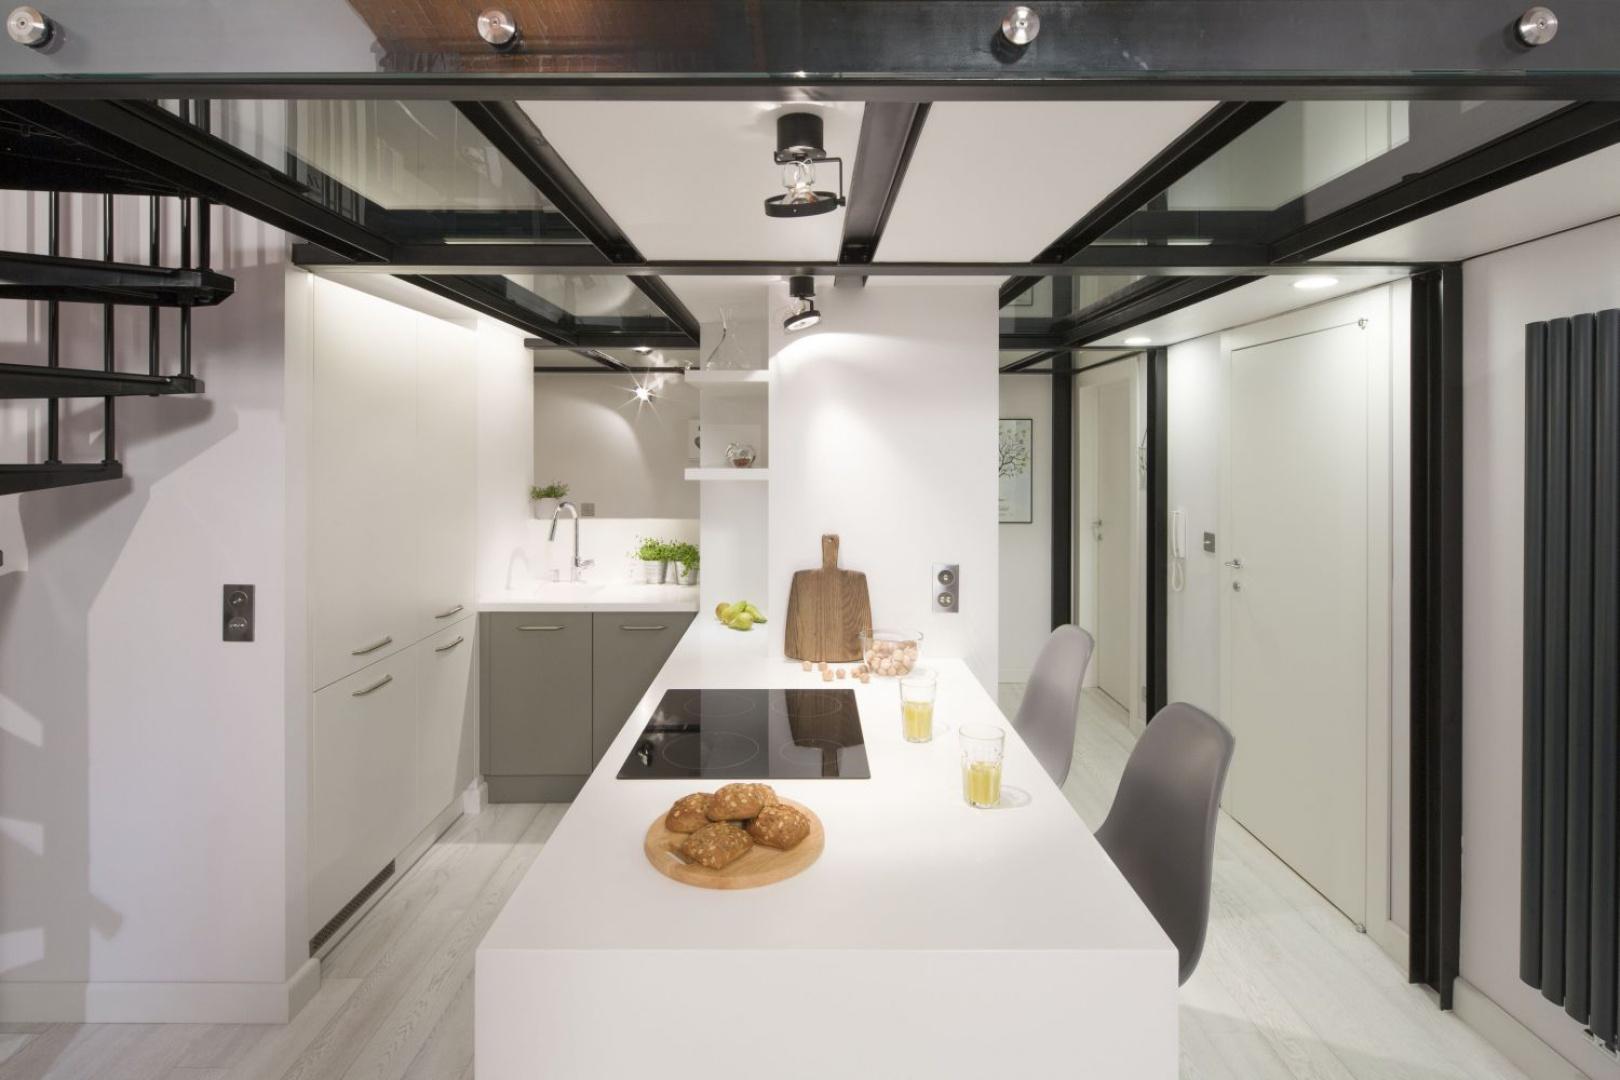 Dzięki otwartej przestrzeni można się tutaj poczuć swobodnie, a także ułatwiona jest komunikacja pomiędzy mieszkańcami. Projekt: Szymon Chudy. Fot. Bartosz Jarosz